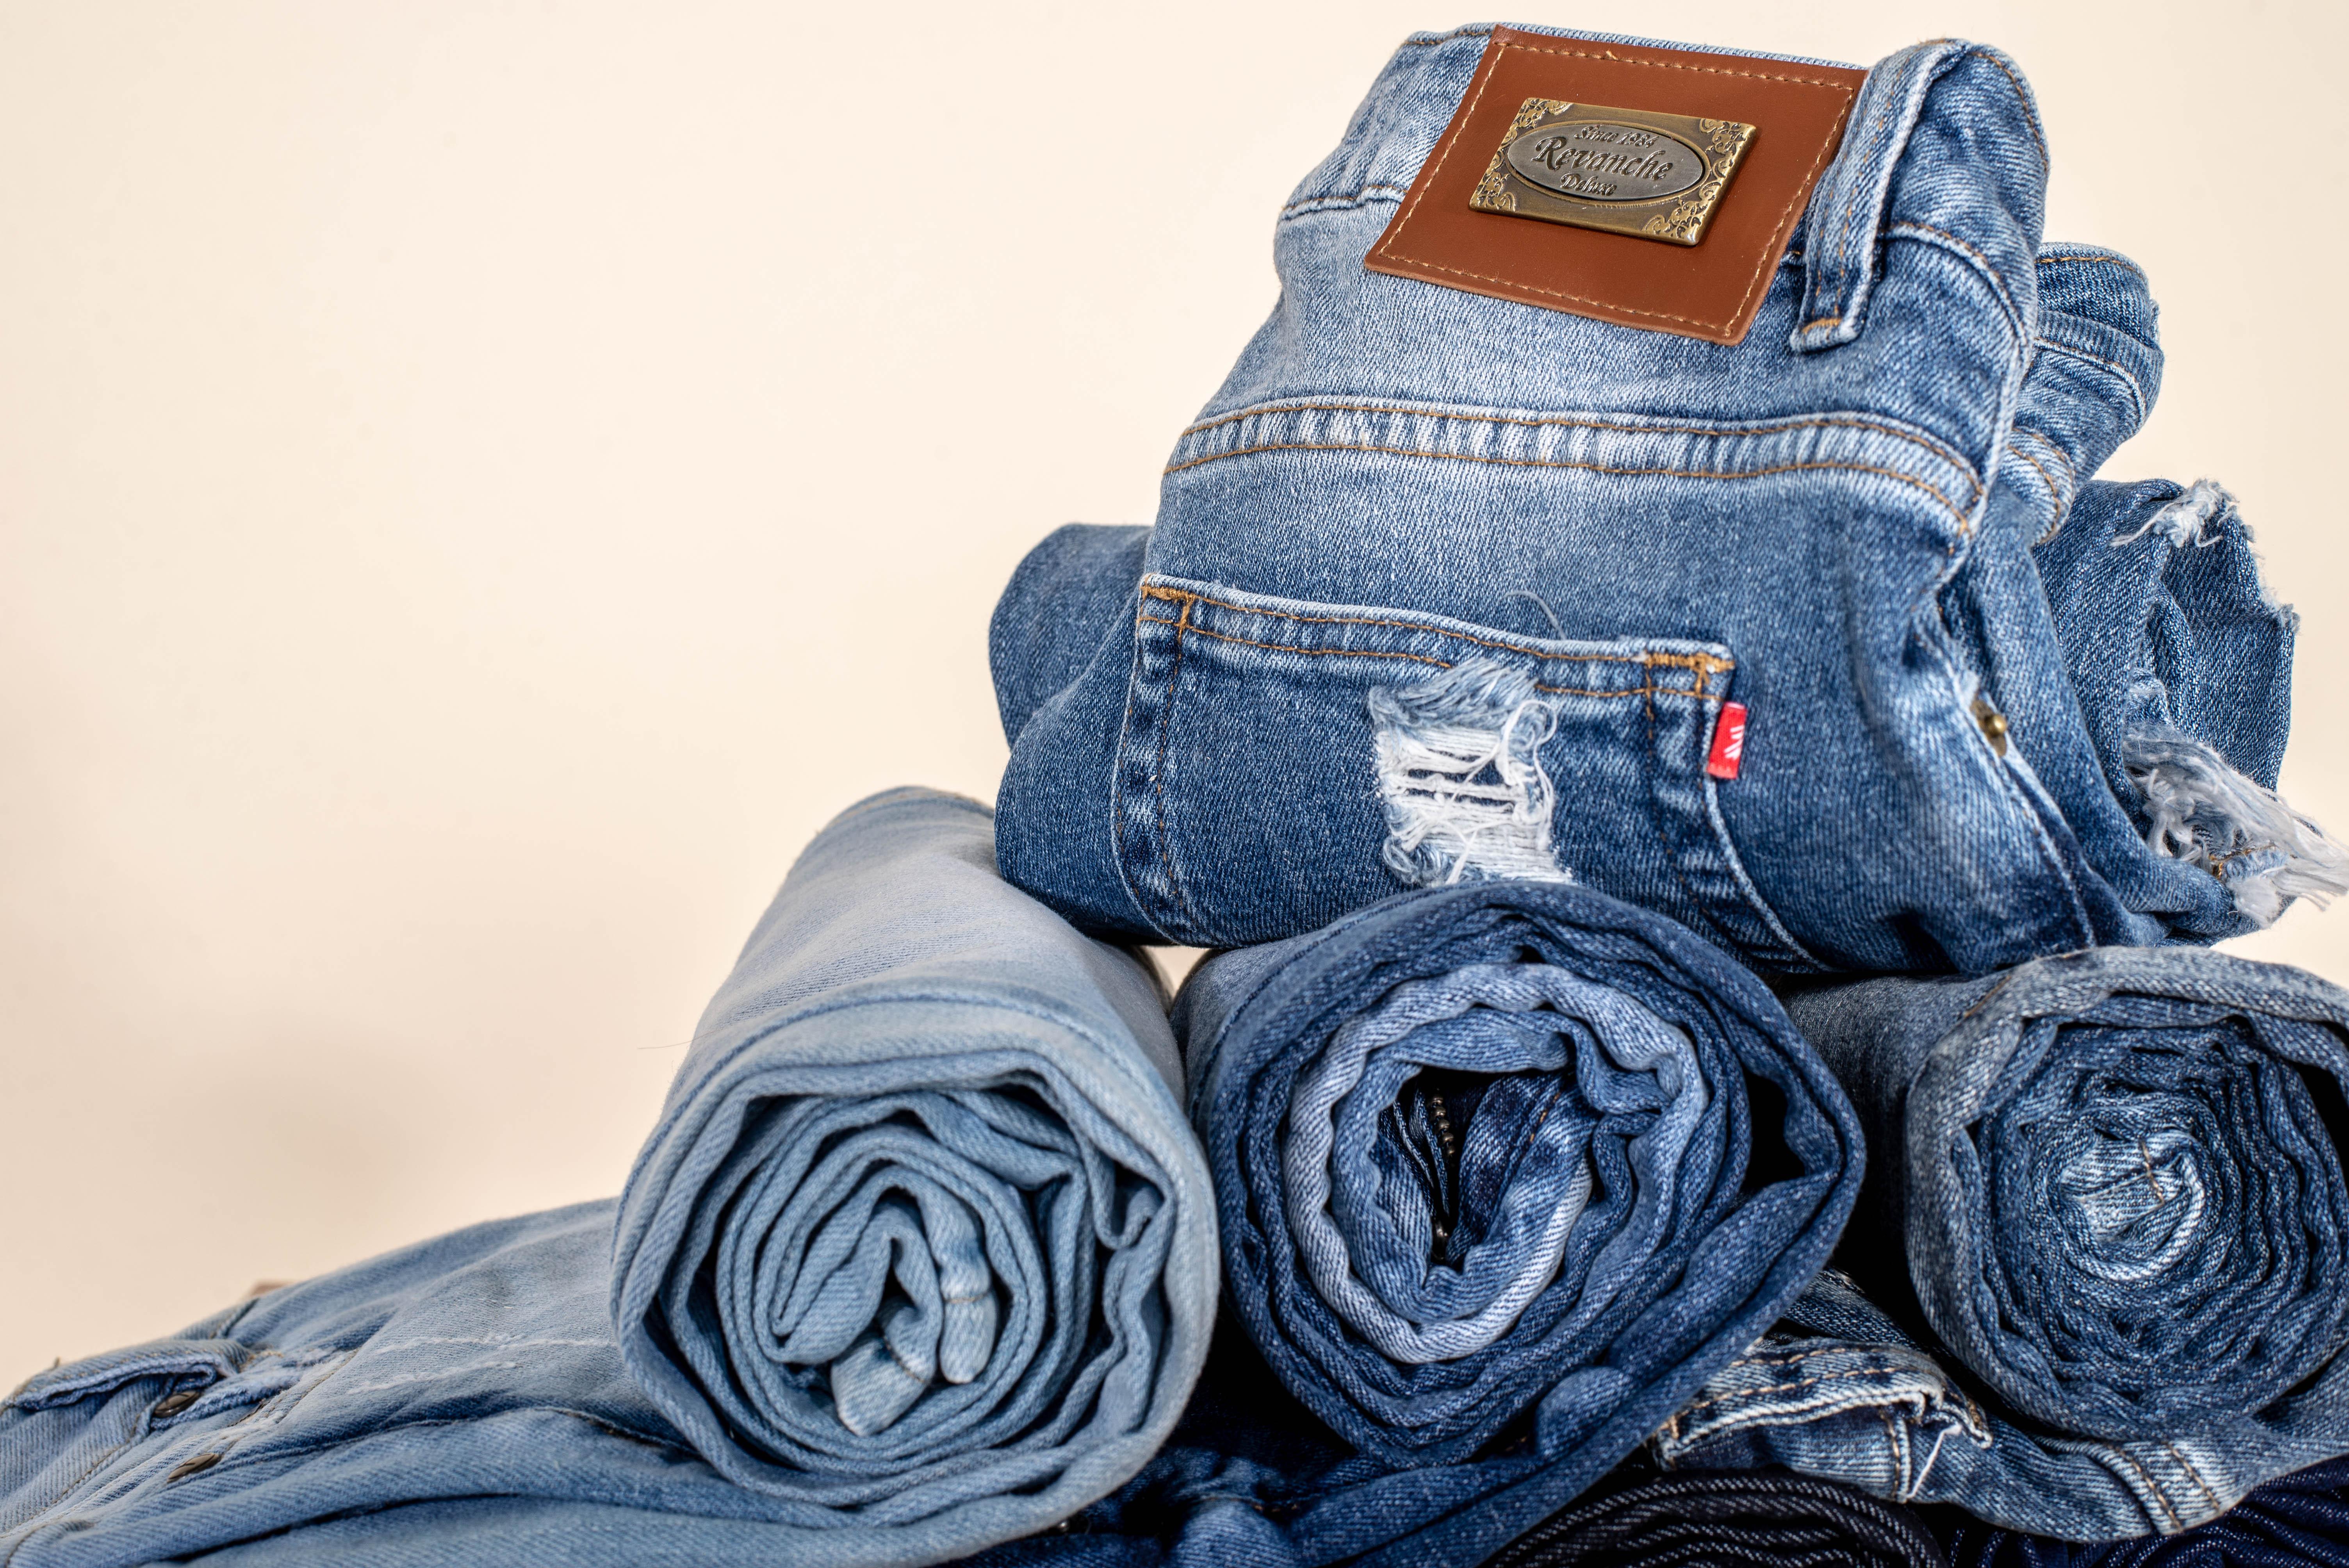 Loja de roupas: por que combinar peças masculinas e femininas?